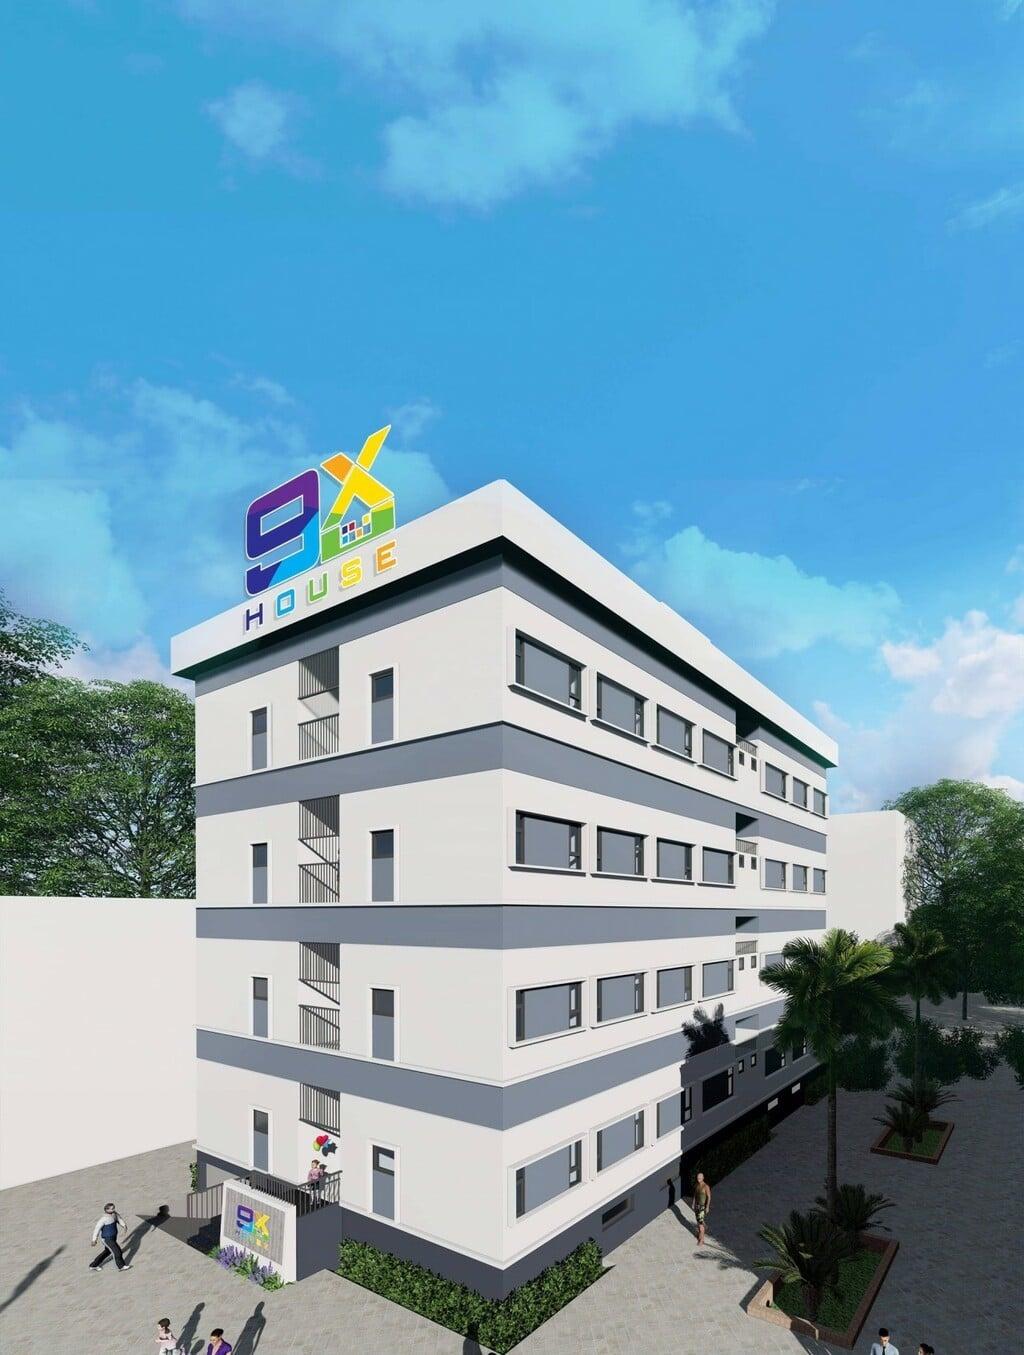 tổng quan cầu trường đai - DỰ ÁN CĂN HỘ 9X HOUSE